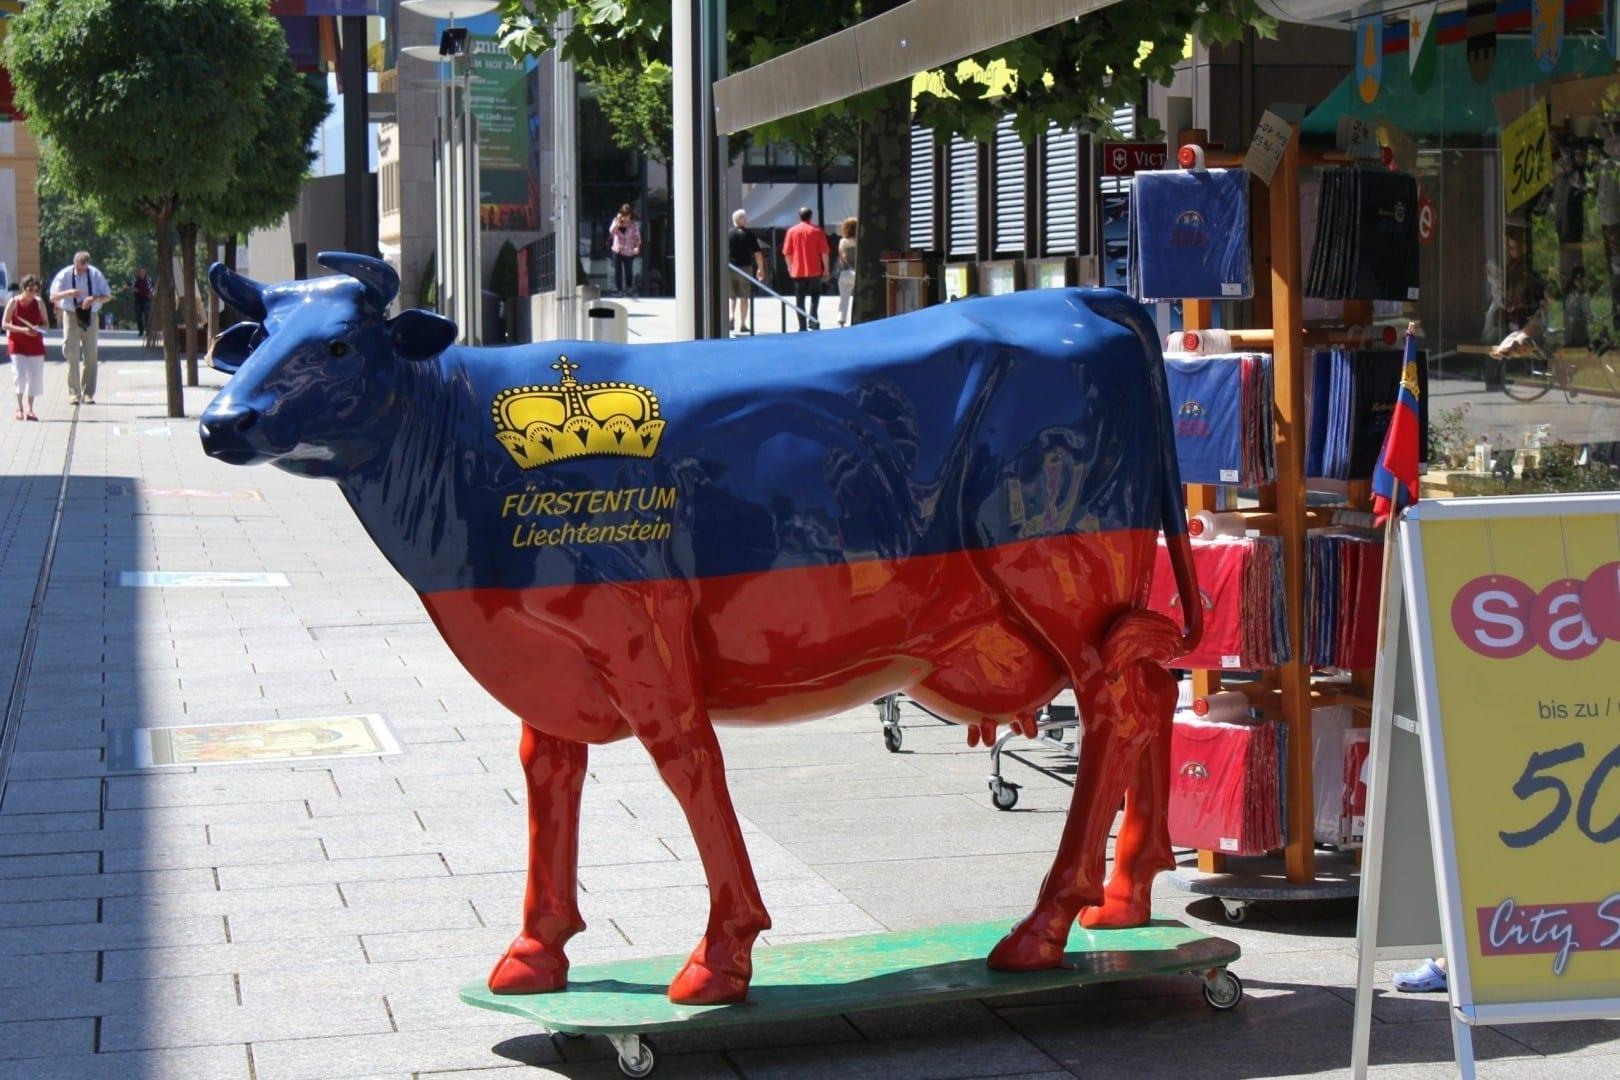 Estatua de una vaca en el exterior de una tienda de recuerdos en Vaduz Liechtenstein